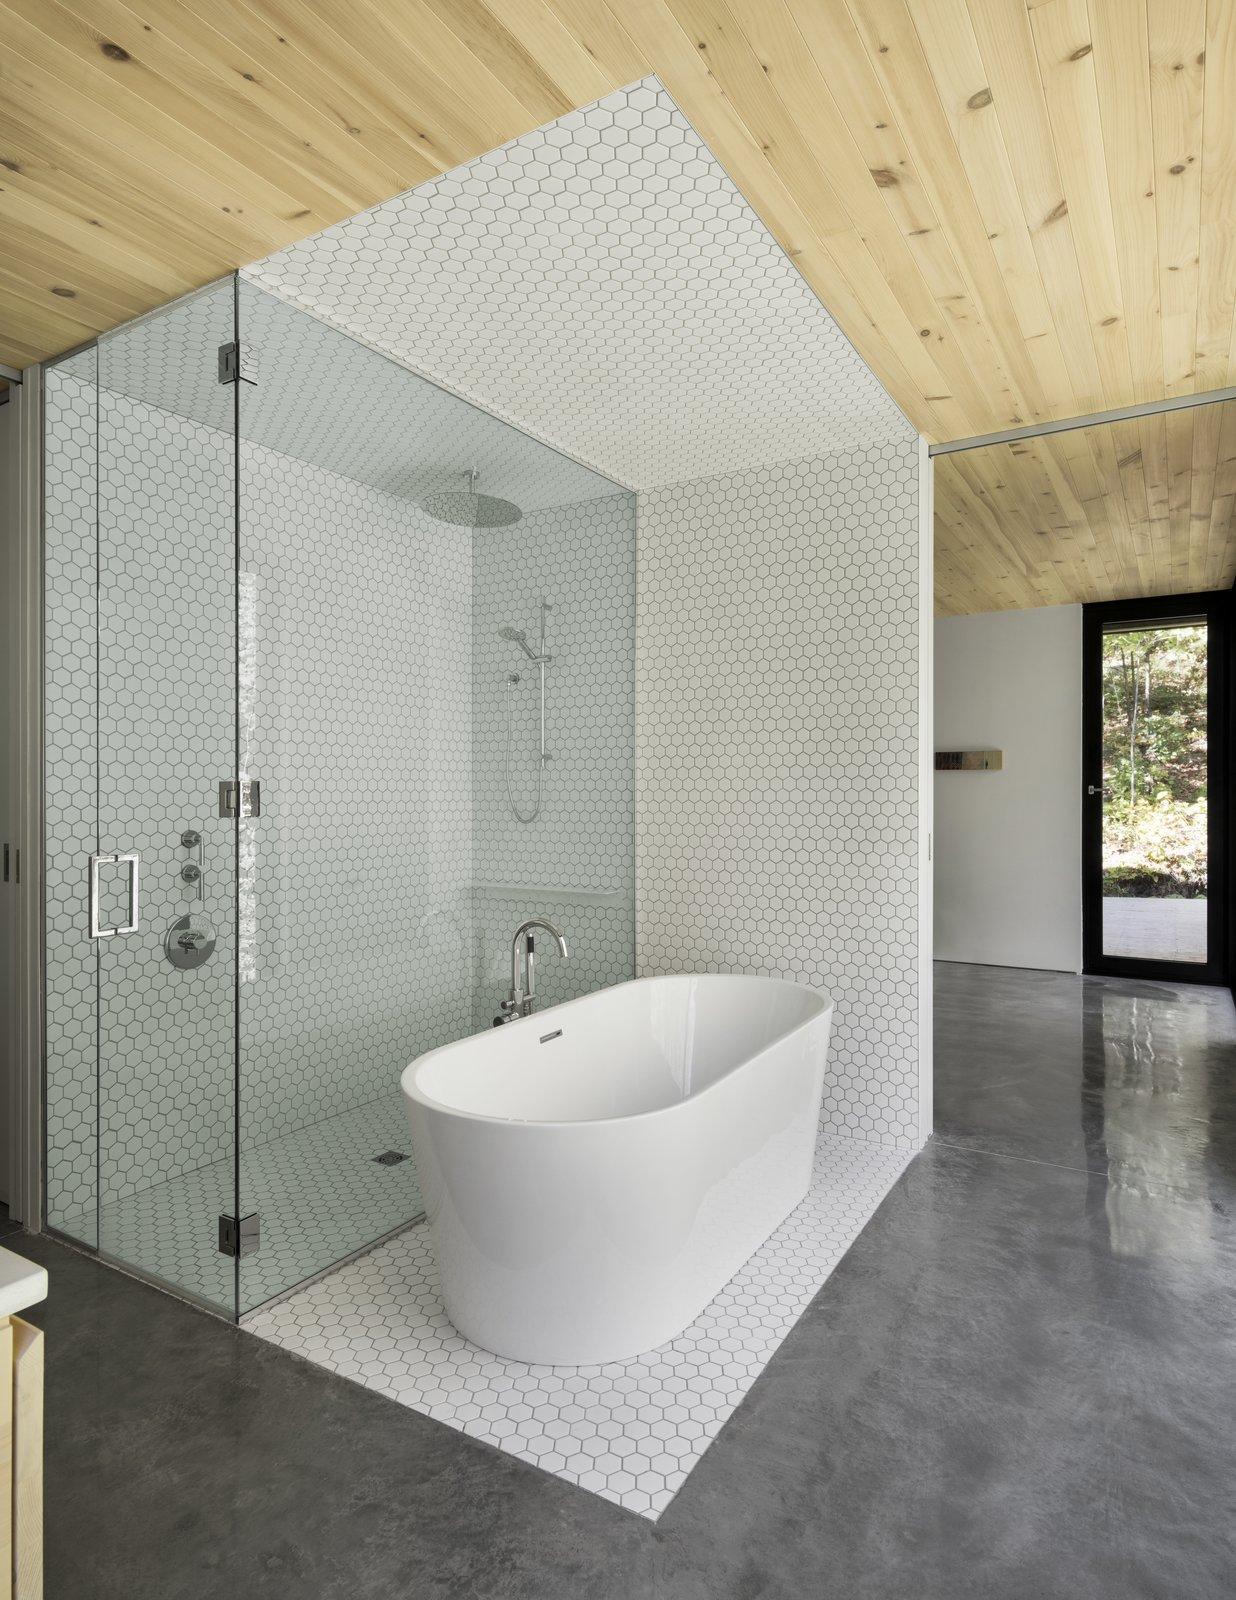 Bath Room, Enclosed Shower, Ceramic Tile Floor, Concrete Floor,  Freestanding Tub,